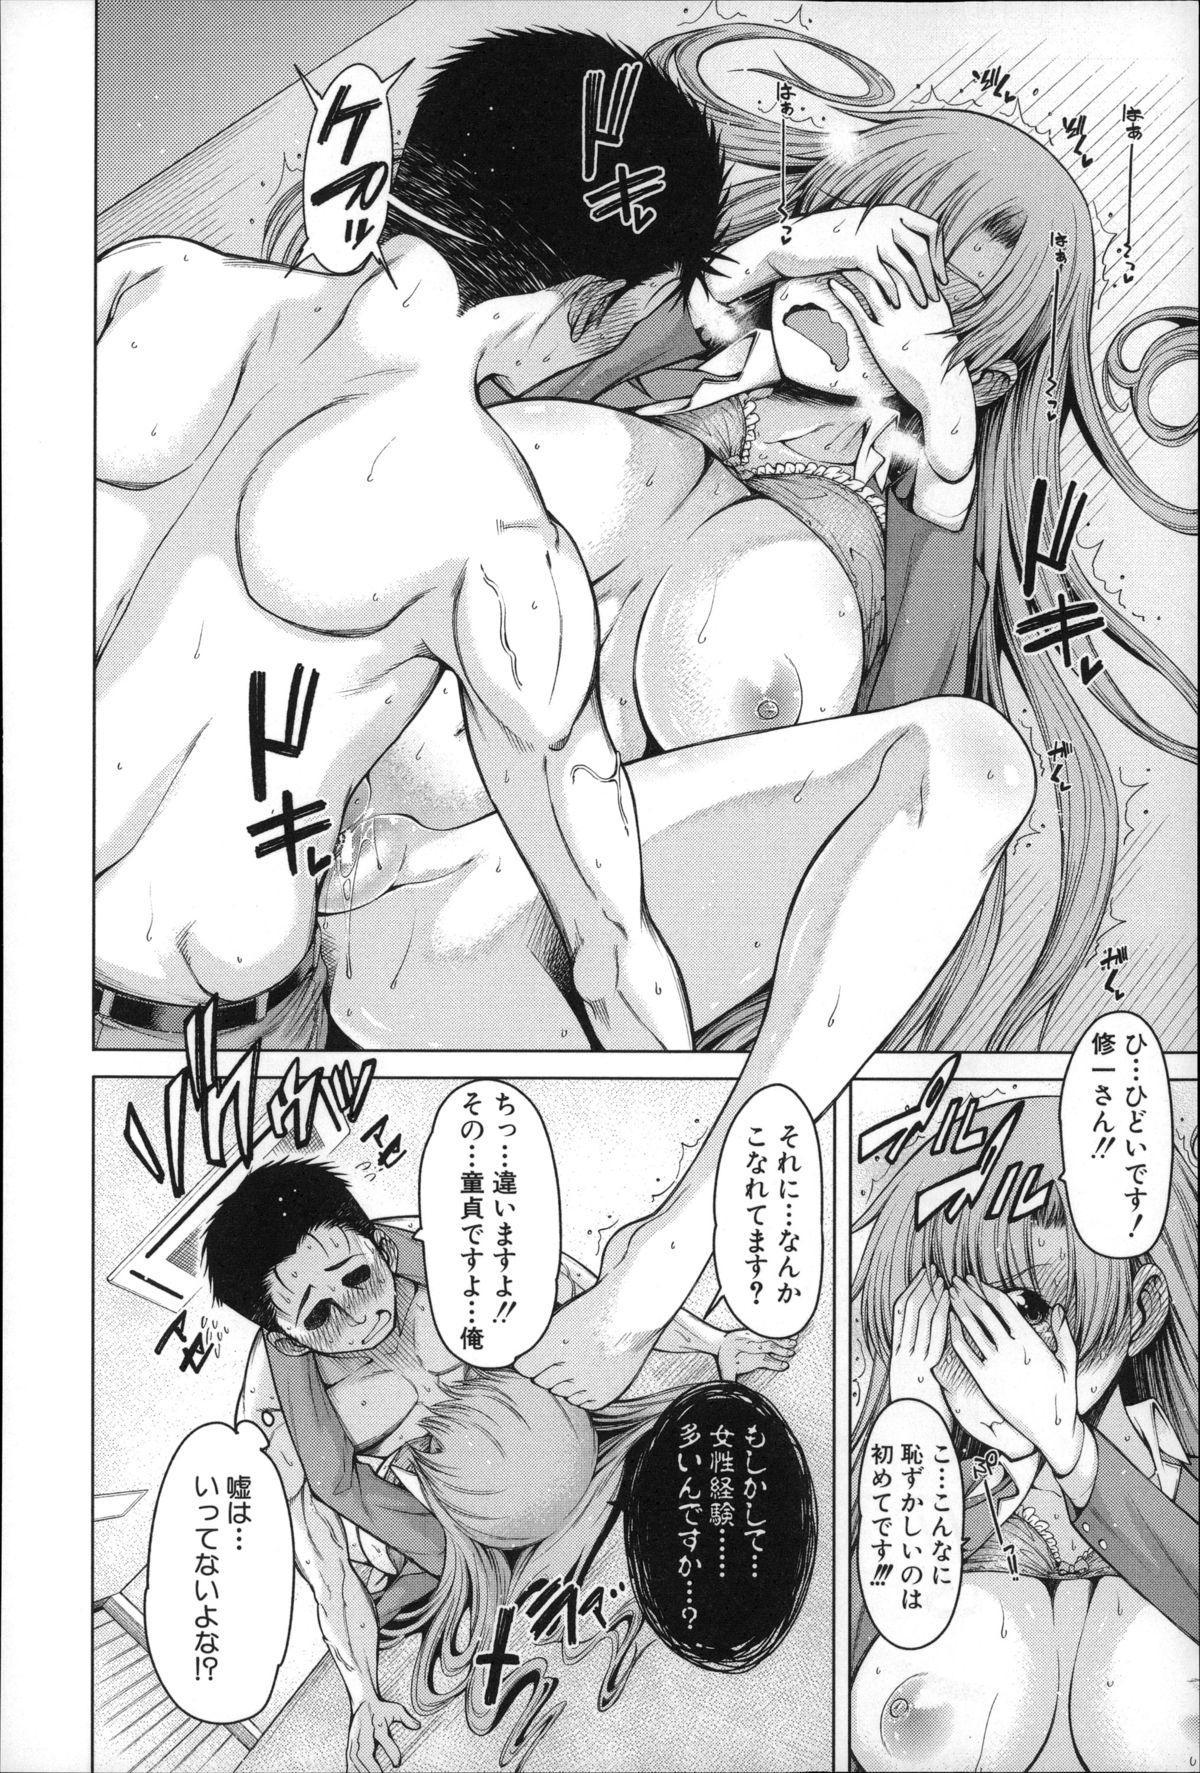 Migite ga Bishoujo ni Natta kara Sex Shita kedo Doutei dayone!! 172